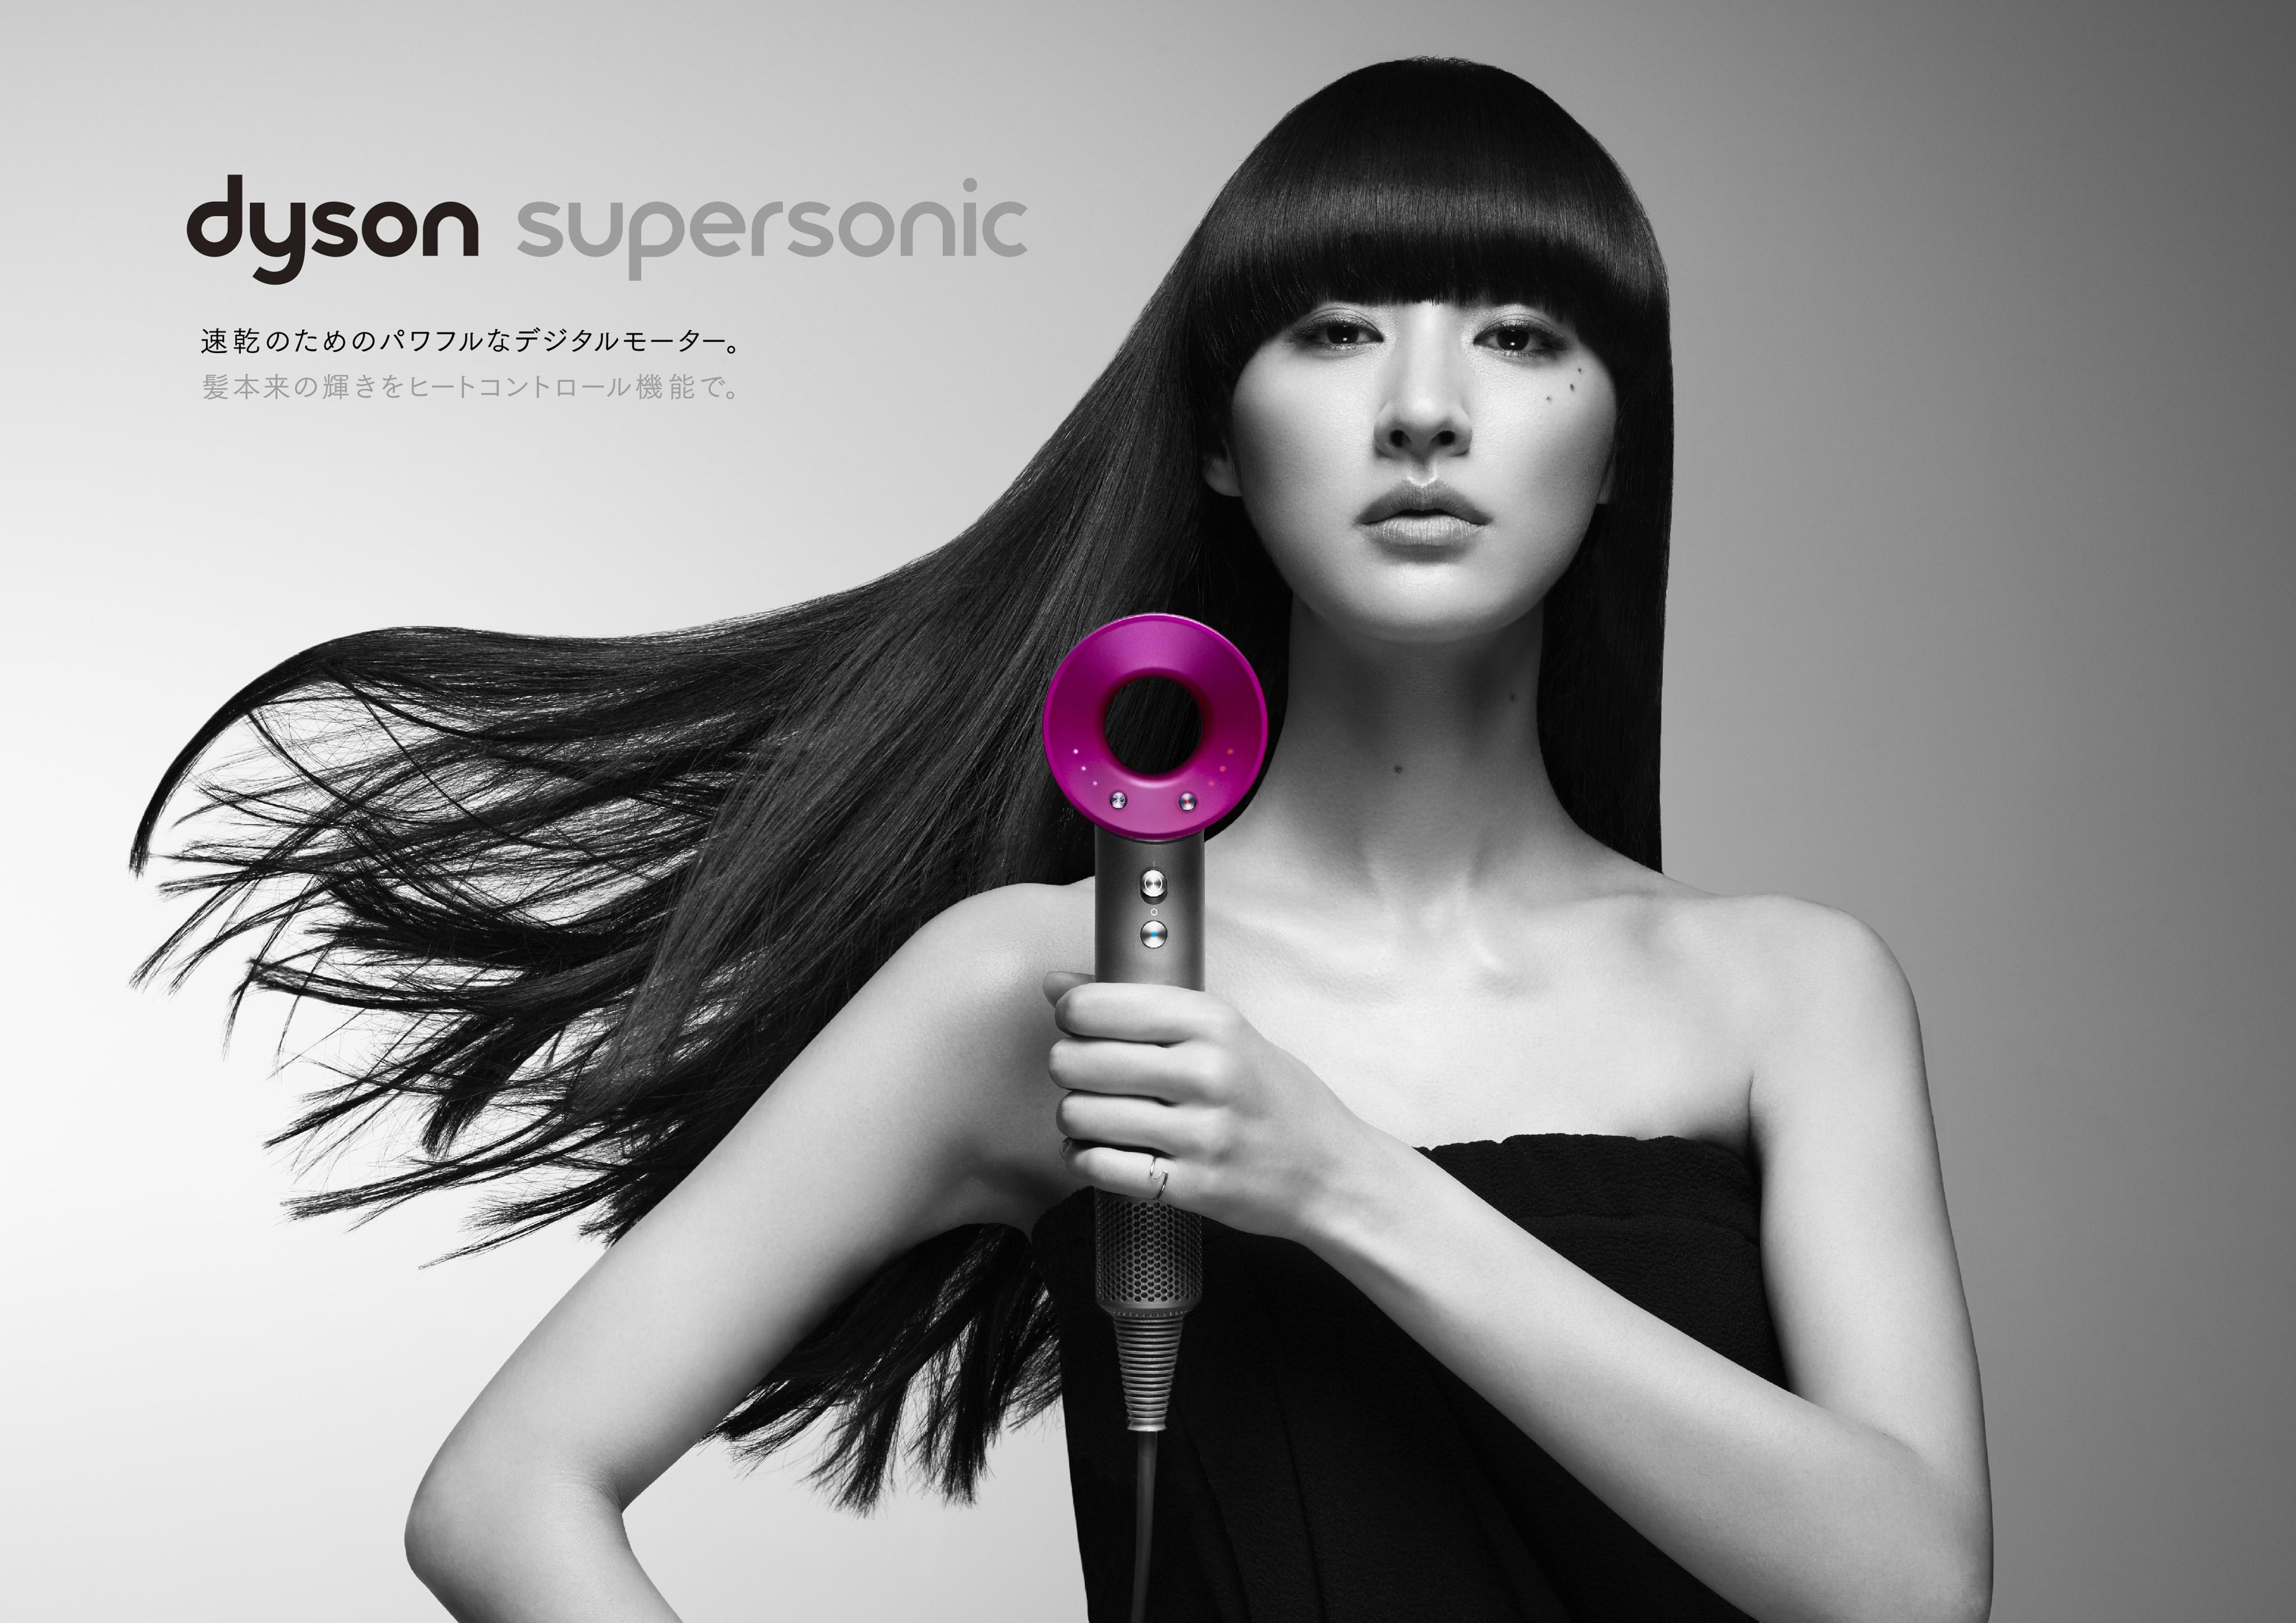 日本人をツヤ髪に。dyson のヘアードライヤー販売開始